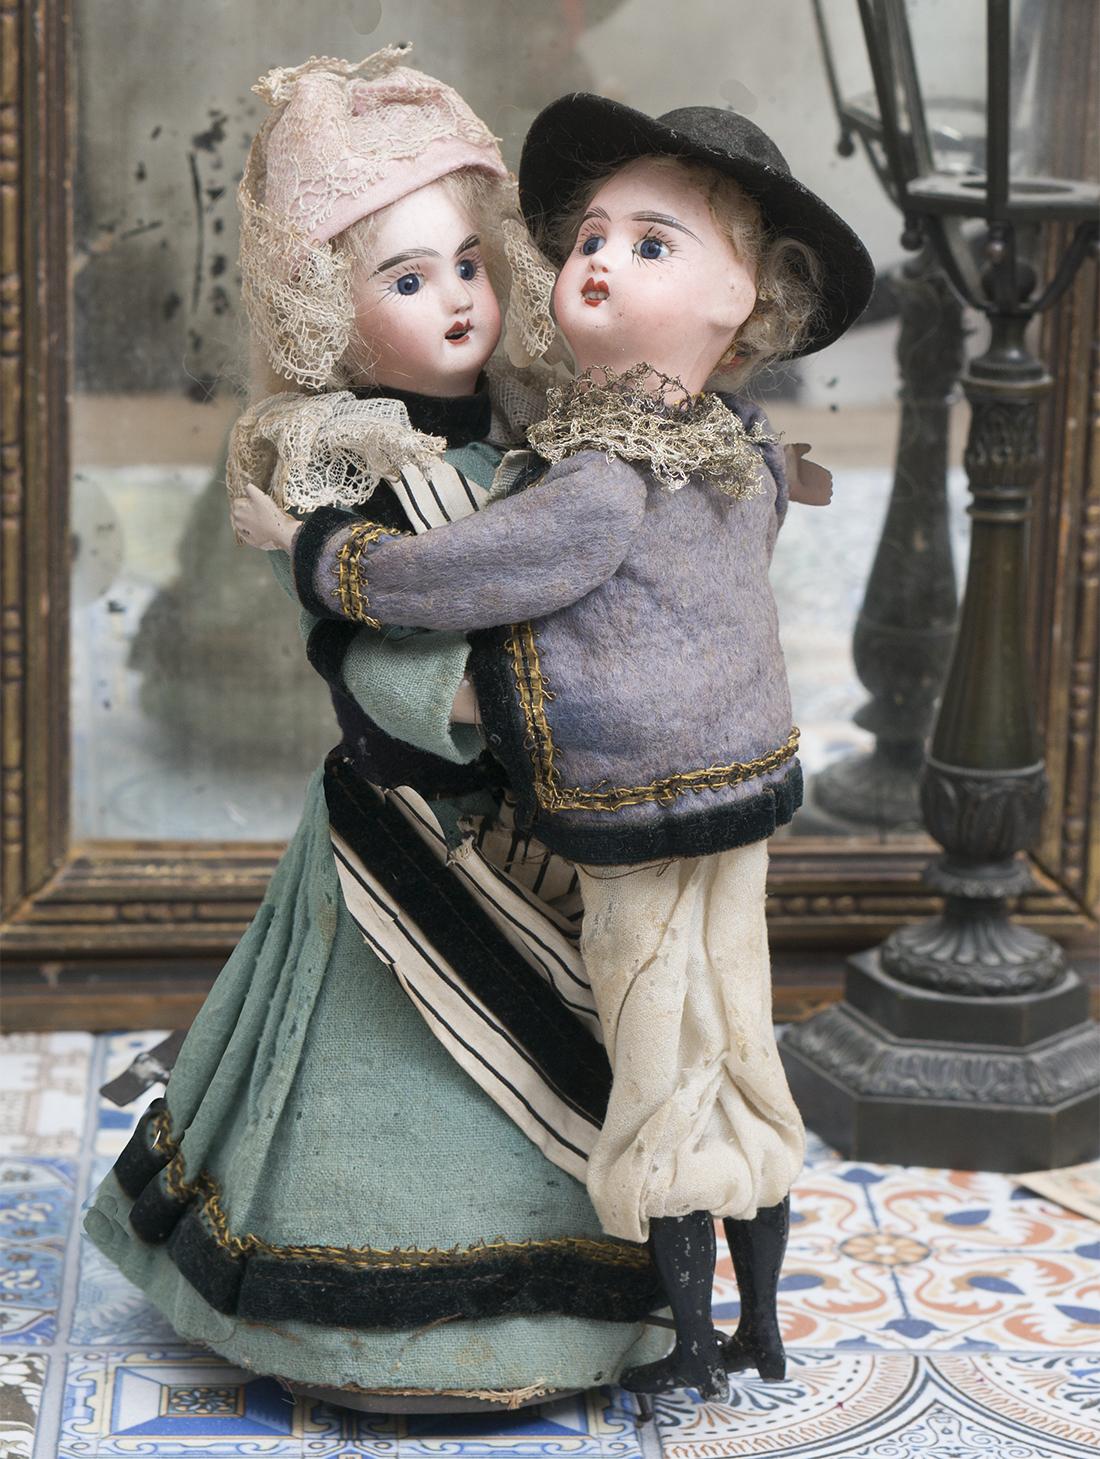 25см Механическая игрушка - две танцуюзщщие куколки в оригинальном костюме